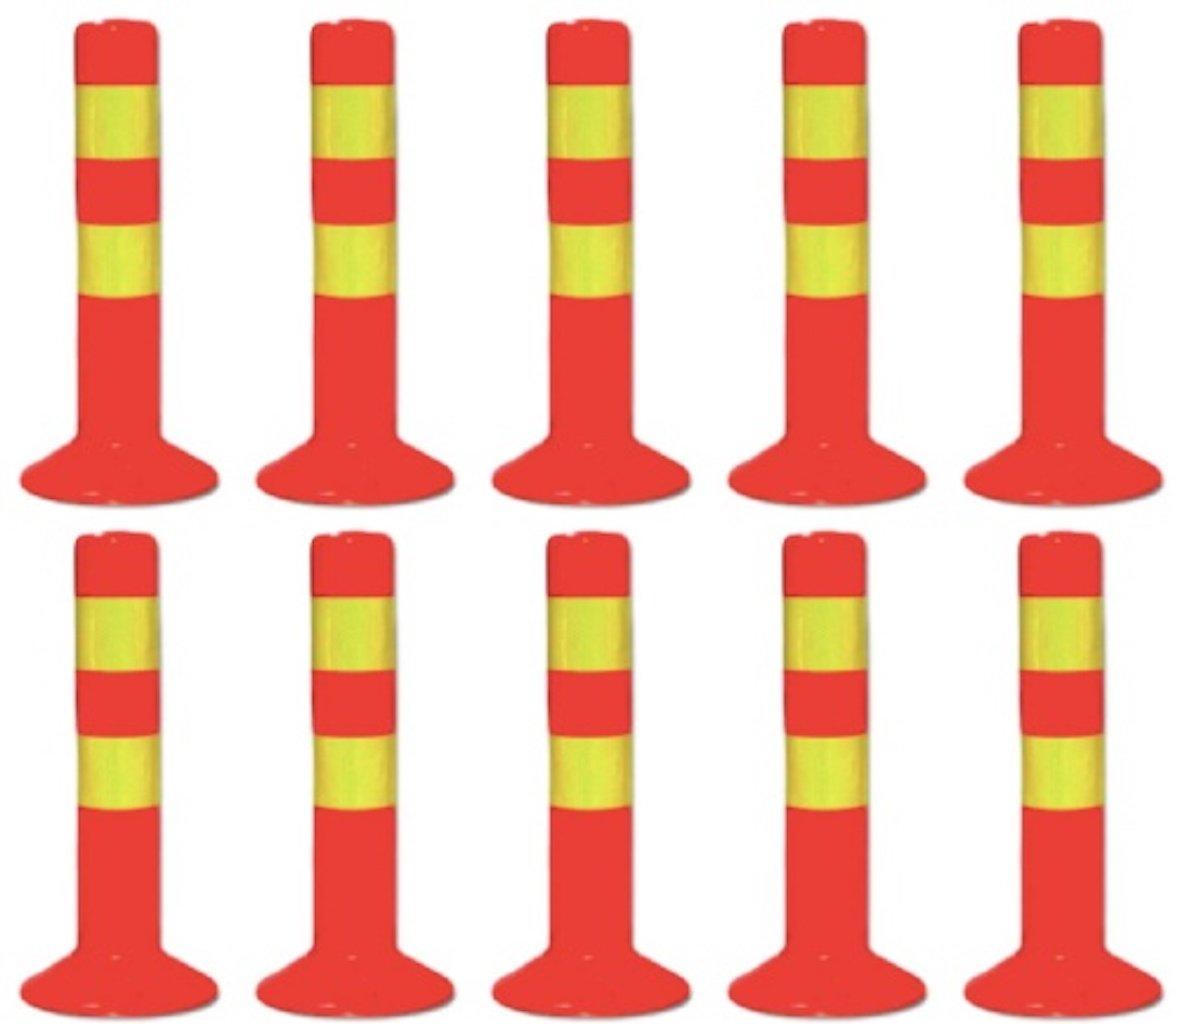 アンカー 付き 駐車ポール コーン ポール 視線誘導標 車線分離標 目印 駐車場 45cm (10) B07BY6VD21